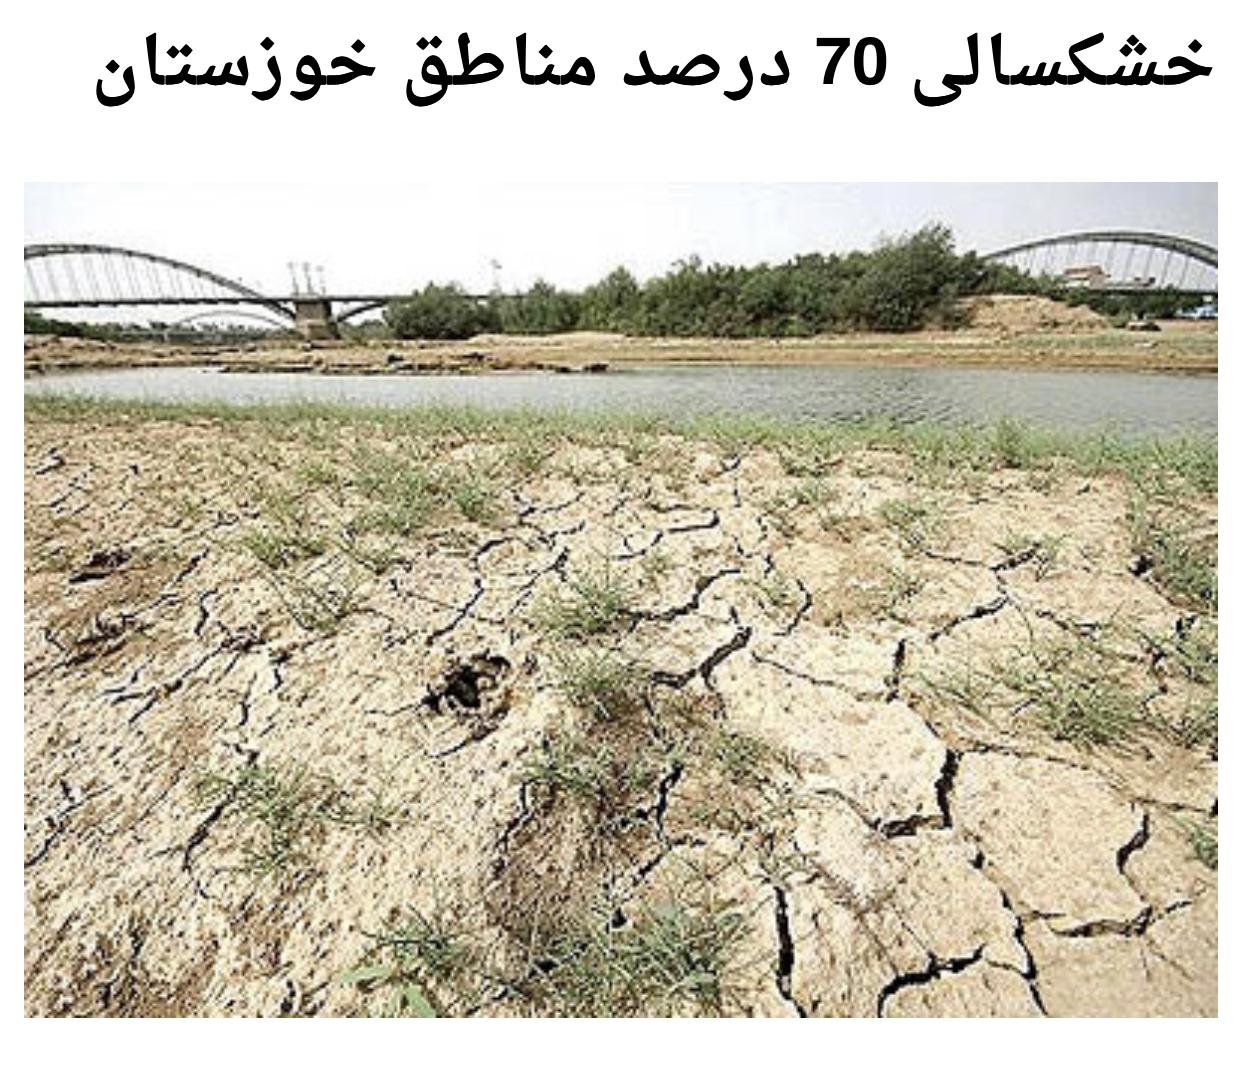 هواشناسی خاموش در خشکسالی نوشته ای از داریوش بهارلویی